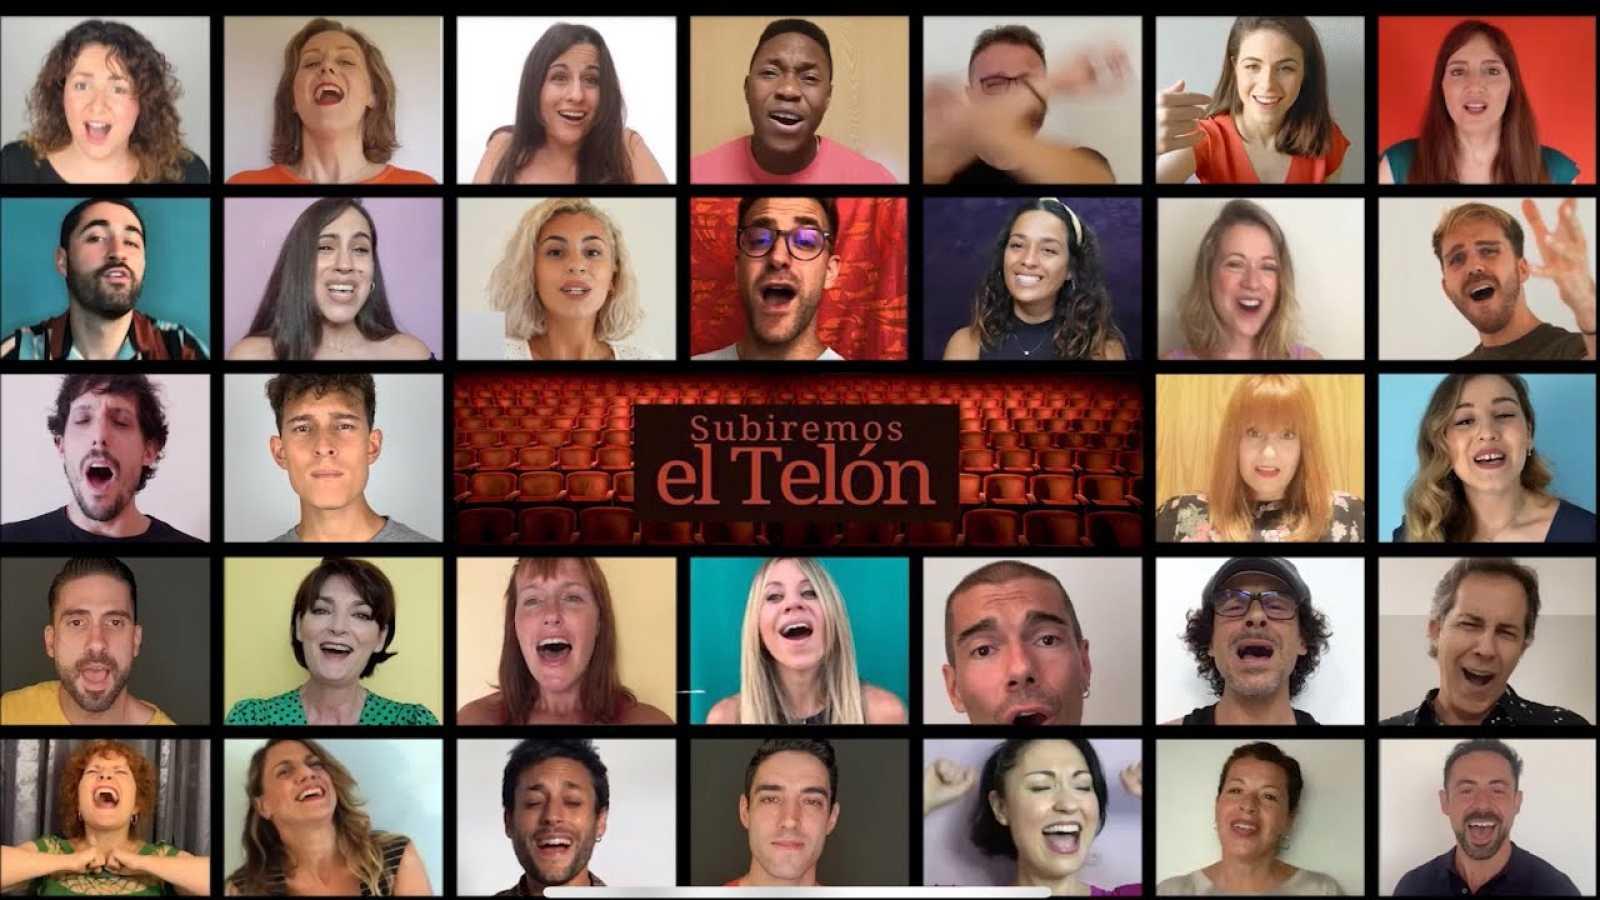 El musical - Subiremos el telón - entrevista - 18/09/20 - escuchar ahora